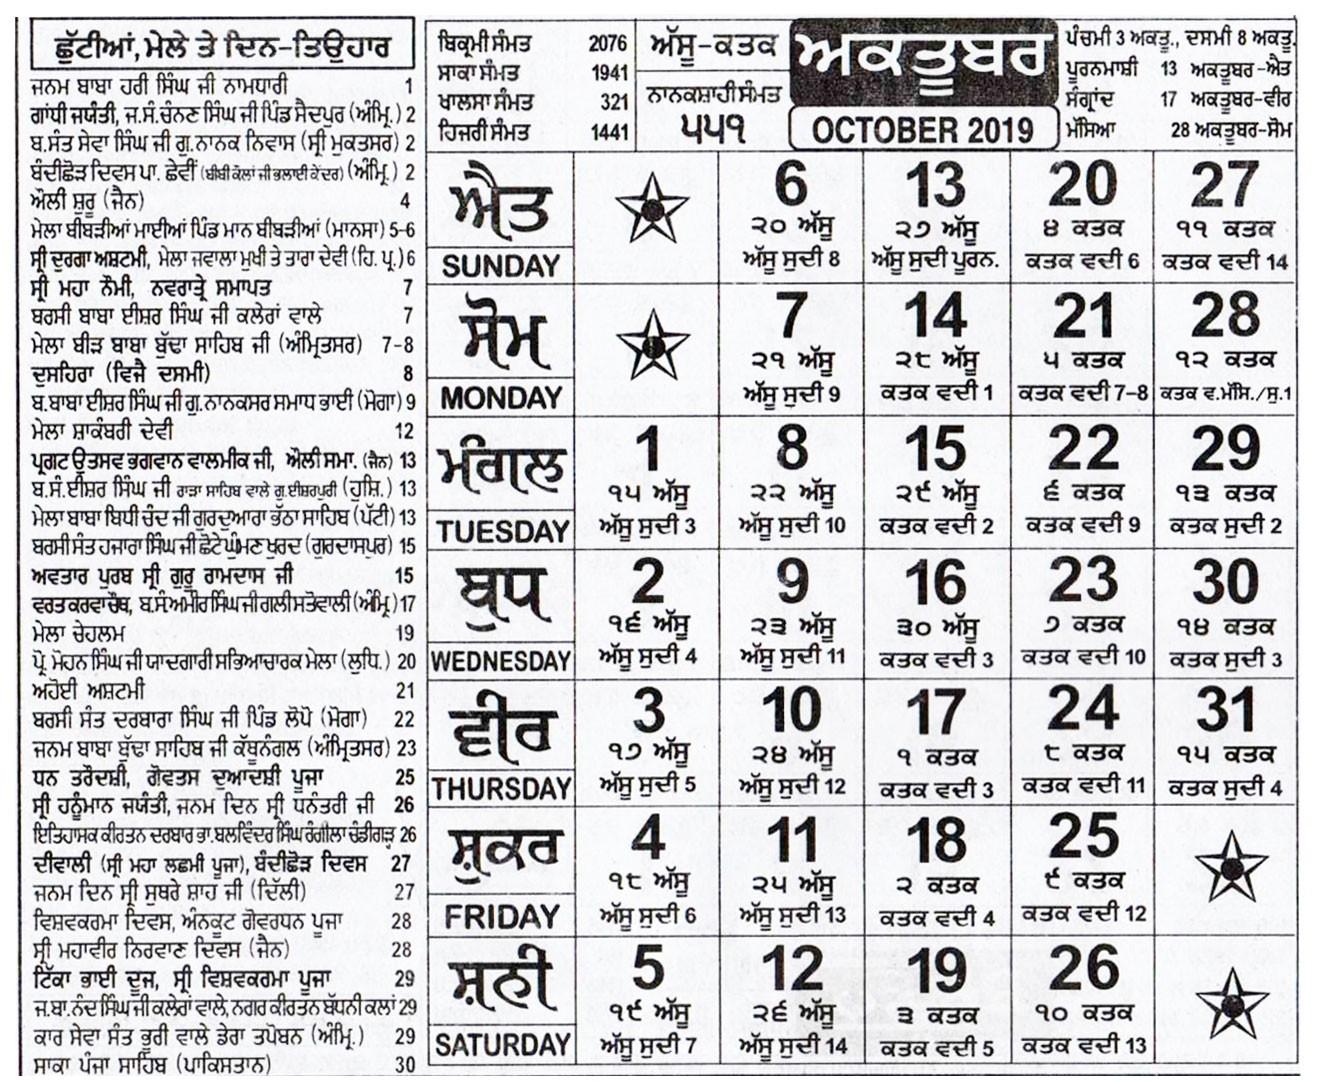 Khalsa Heera Jantri 2019 - Nitnem Path-Nanakshahi Calendar 2020 January